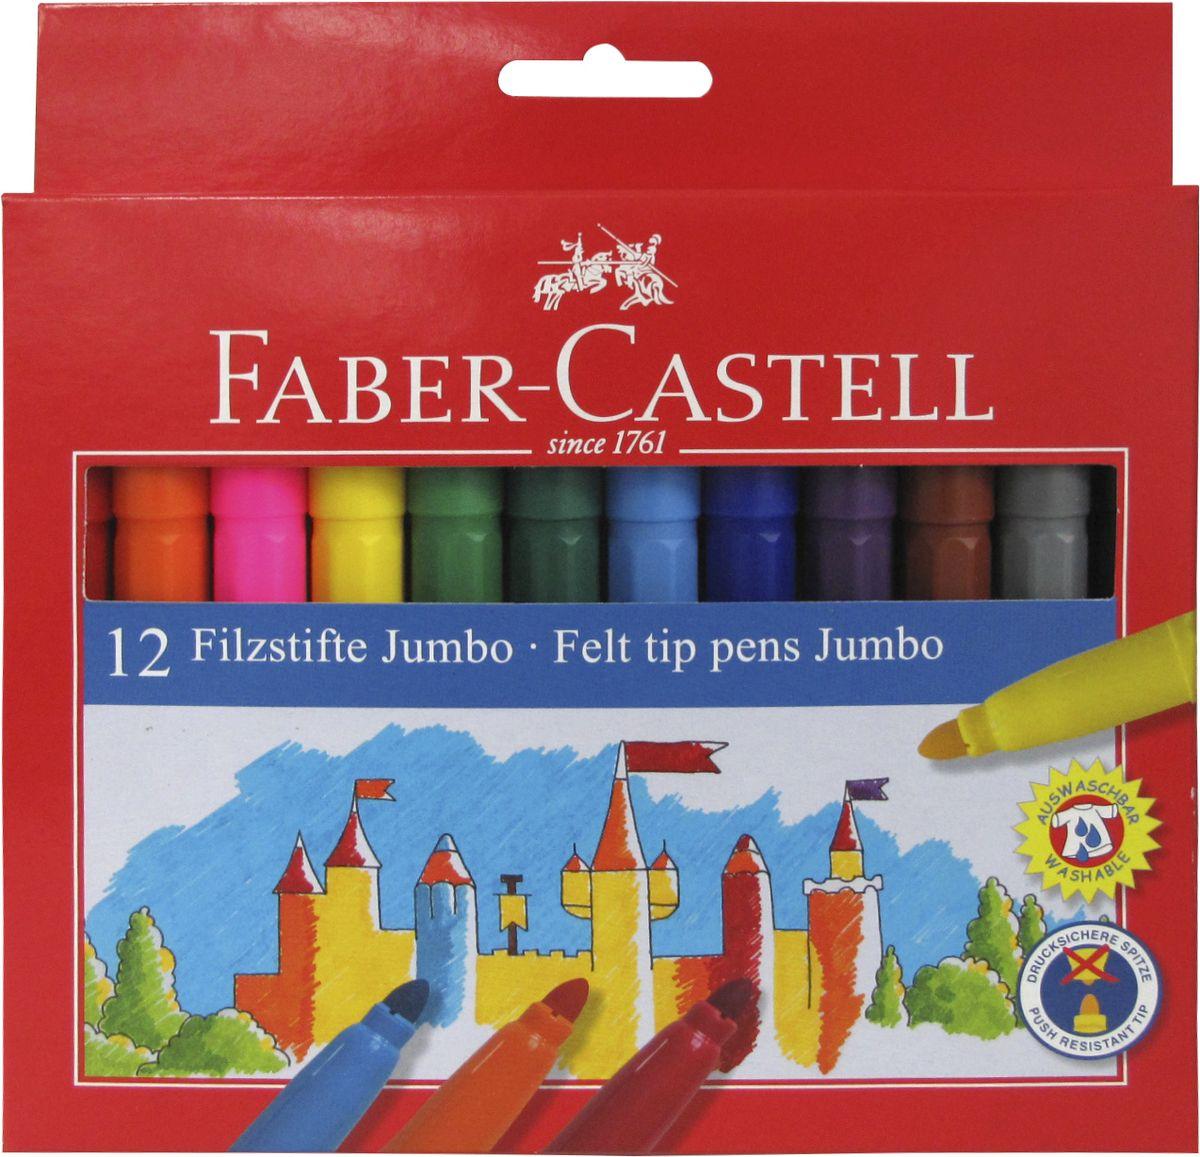 Faber-Castell Фломастеры Jumbo 12 цветов554312Фломастеры Faber-Castell помогут маленькому художнику раскрыть свой творческий потенциал, рисовать и раскрашивать яркие картинки, развивая воображение, мелкую моторику и цветовосприятие. В наборе Faber-Castell Jumbo 12 разноцветных фломастеров. Корпусы выполнены из пластика. Чернила на водной основе окрашены с использованием пищевых красителей, благодаря чему они полностью безопасны для ребенка и имеют яркие, насыщенные цвета. Если маленький художник запачкался - не беда, ведь фломастеры отстирываются с большинства тканей. Вентилируемый колпачок надолго сохранит яркость цветов. Не рекомендуется детям до 3-х лет.